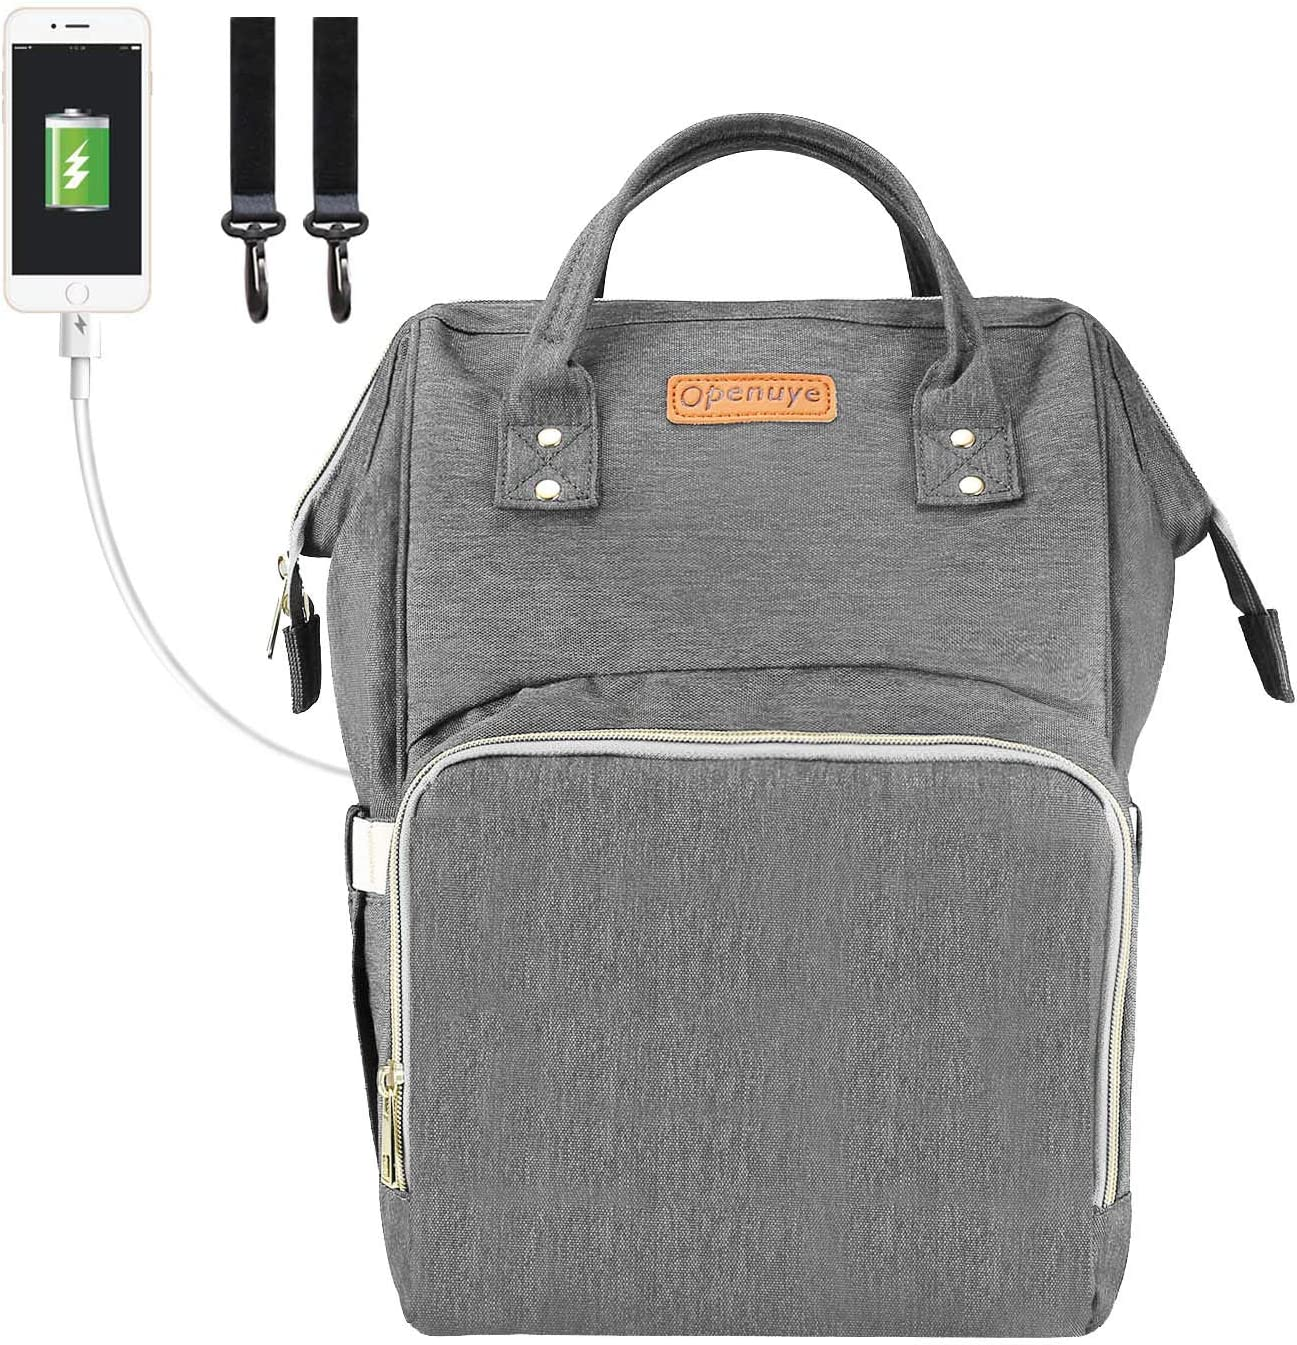 Openuye mochilas de pañales, Bolsa de pañales grande con puerto de carga USB y gancho para cochecito, mochila de manos libres para viajar (Gris)